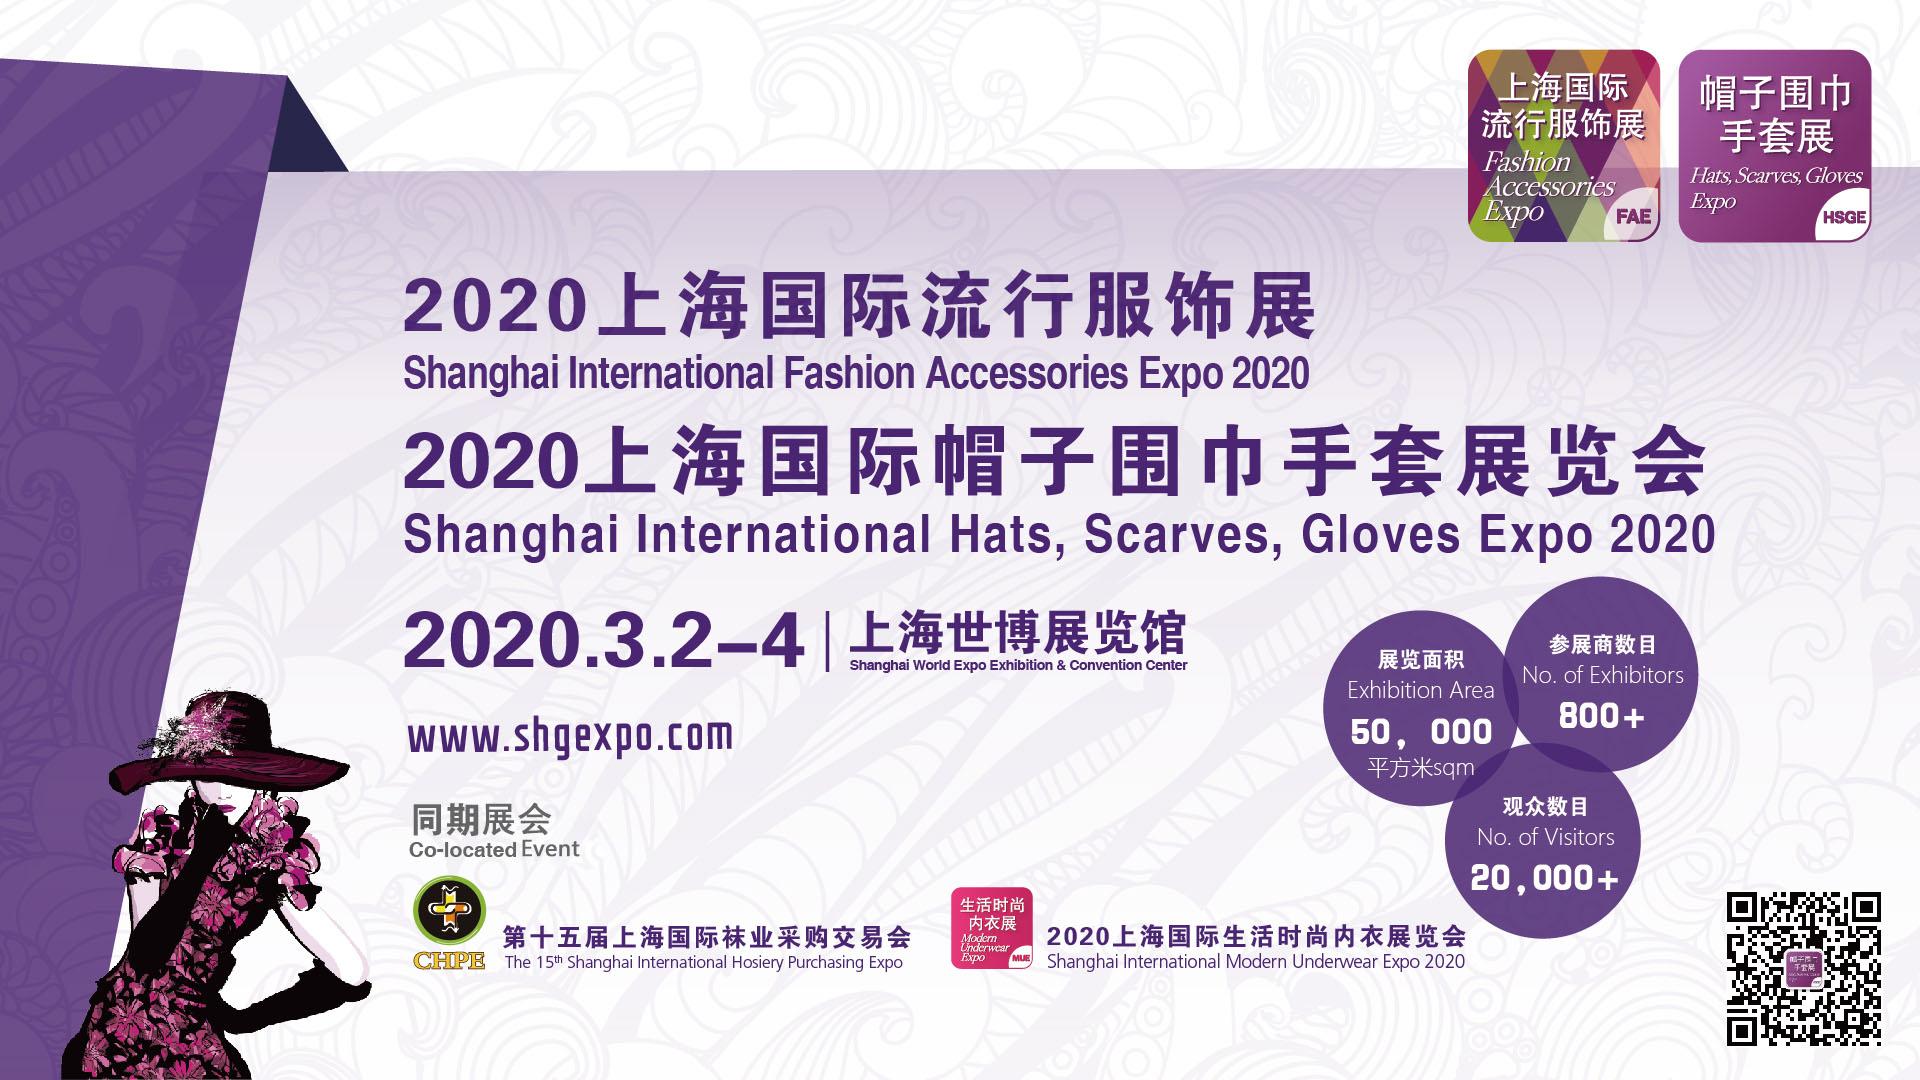 聚焦时尚产业细分市场 · 第三届上海帽子围巾手套暨流行服饰展倒计时2个月